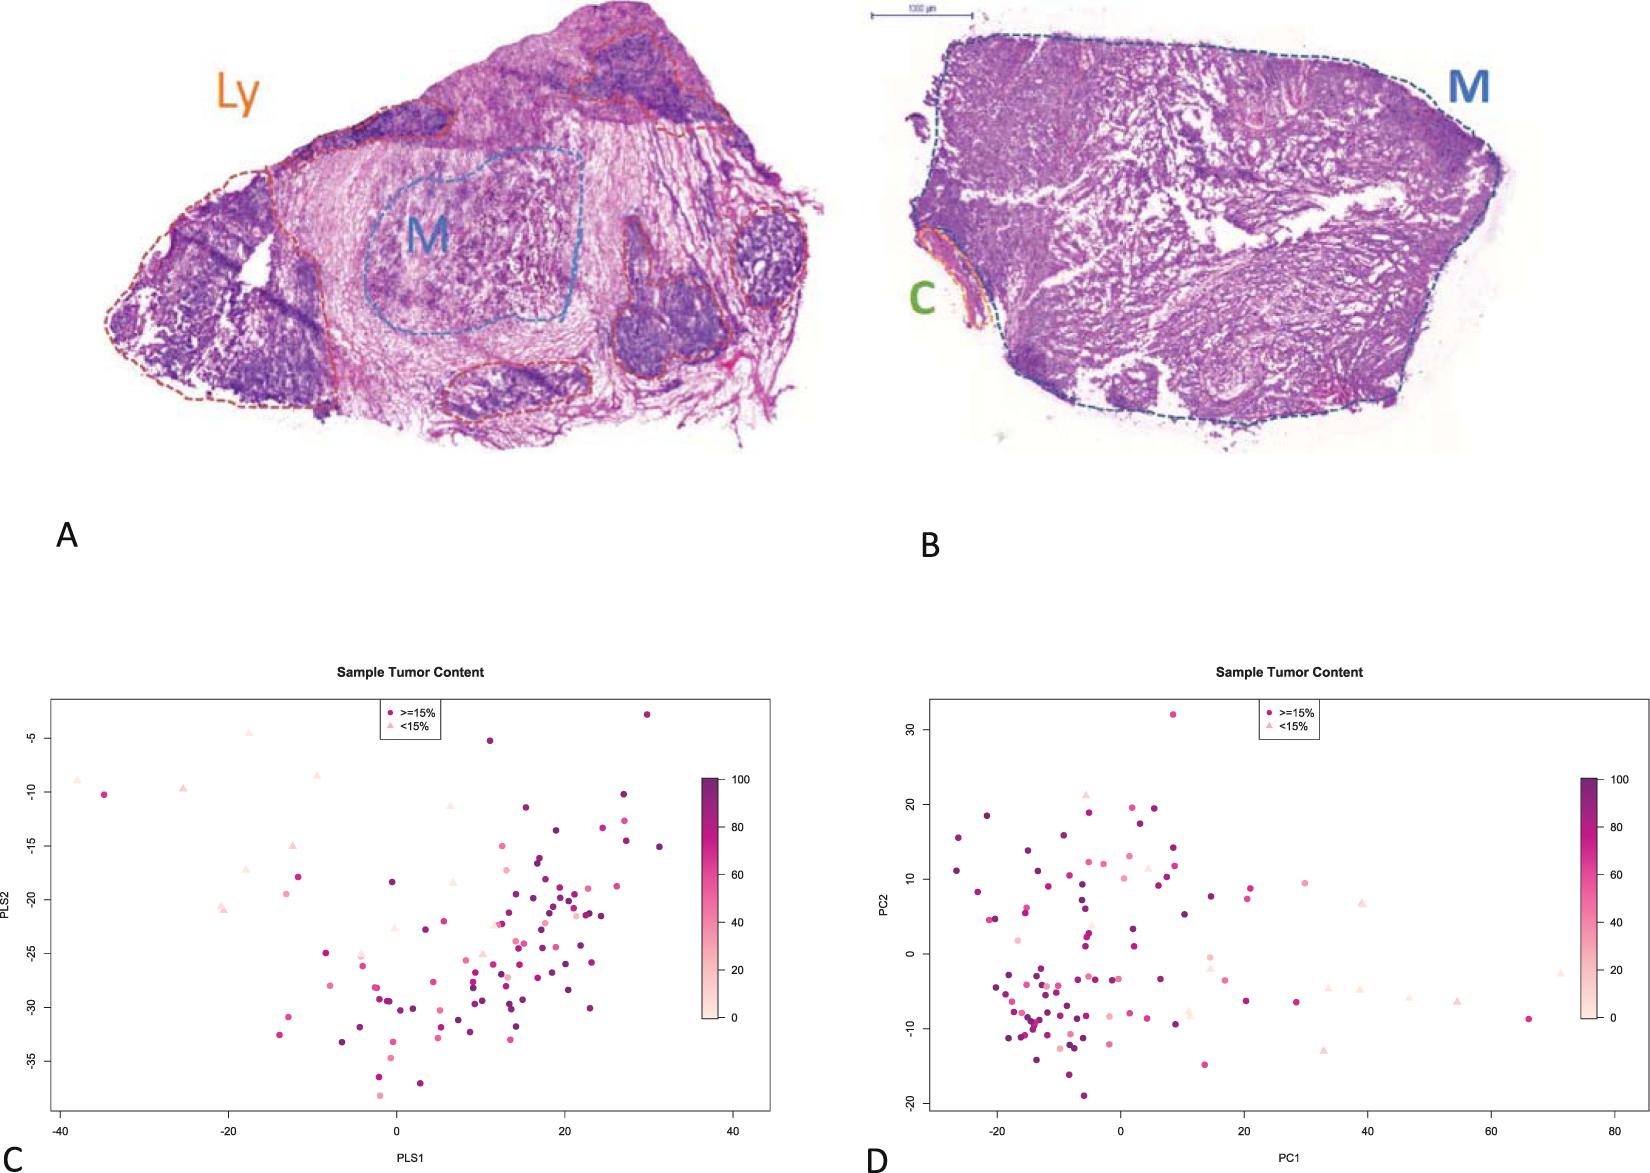 Improved survival prognostication of node-positive malignant